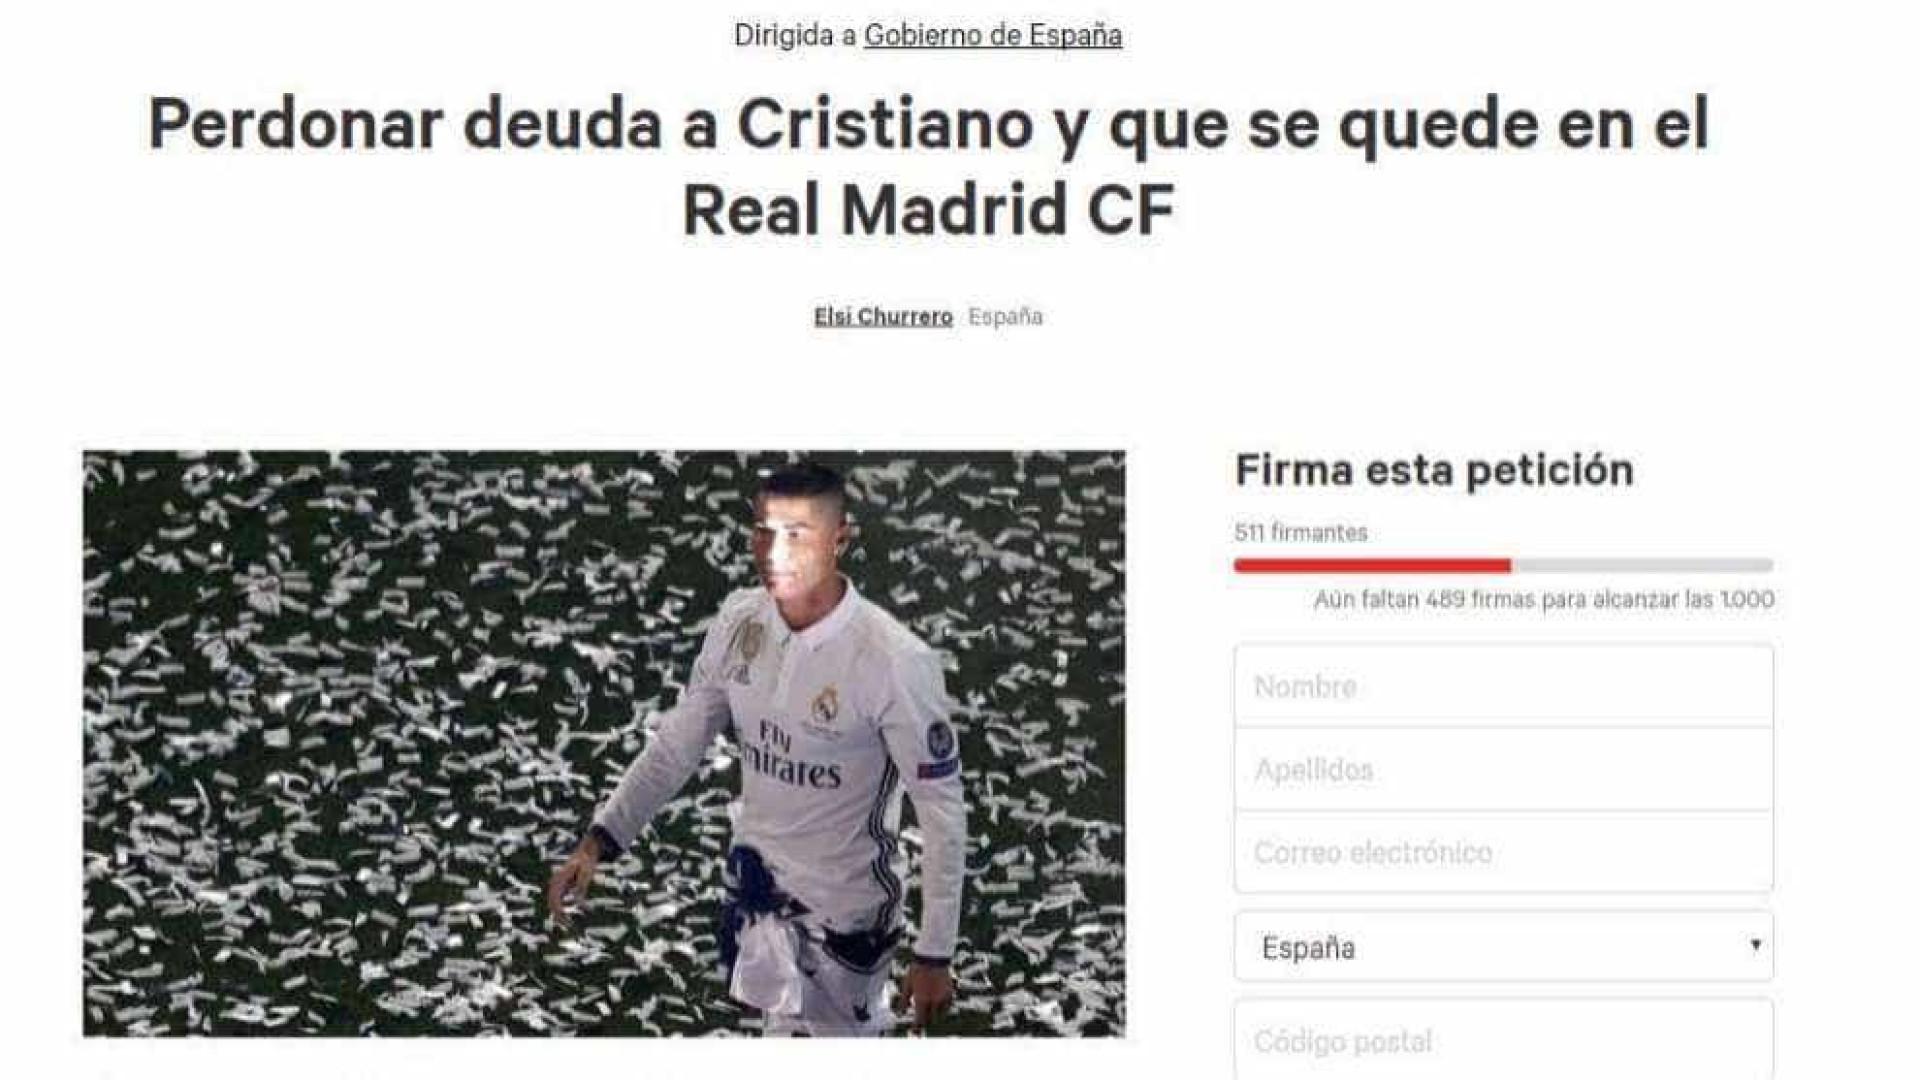 É criada petição para retirar denúncia do fisco a Cristiano Ronaldo